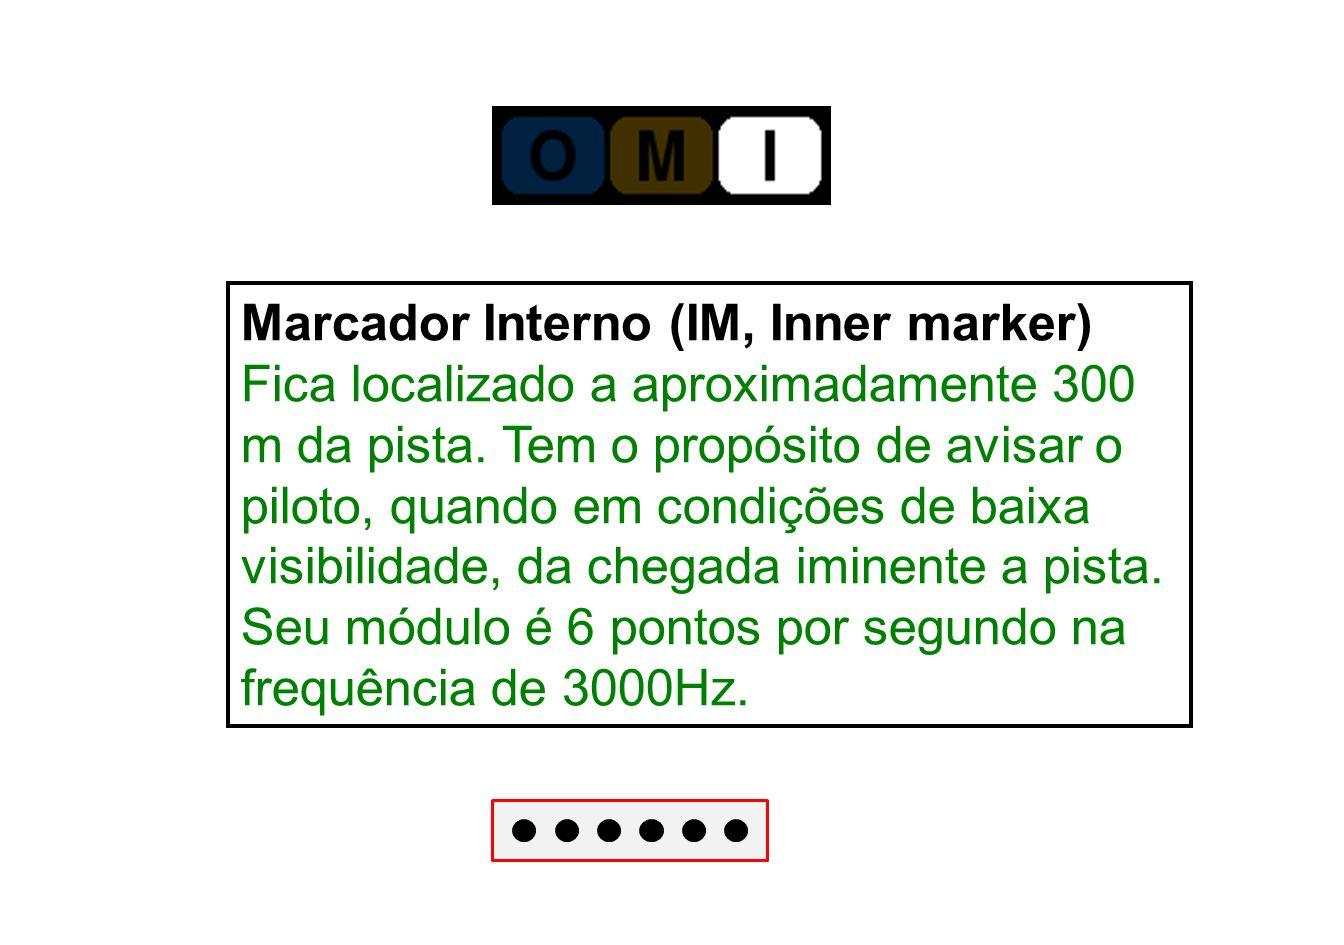 Marcador Interno (IM, Inner marker)